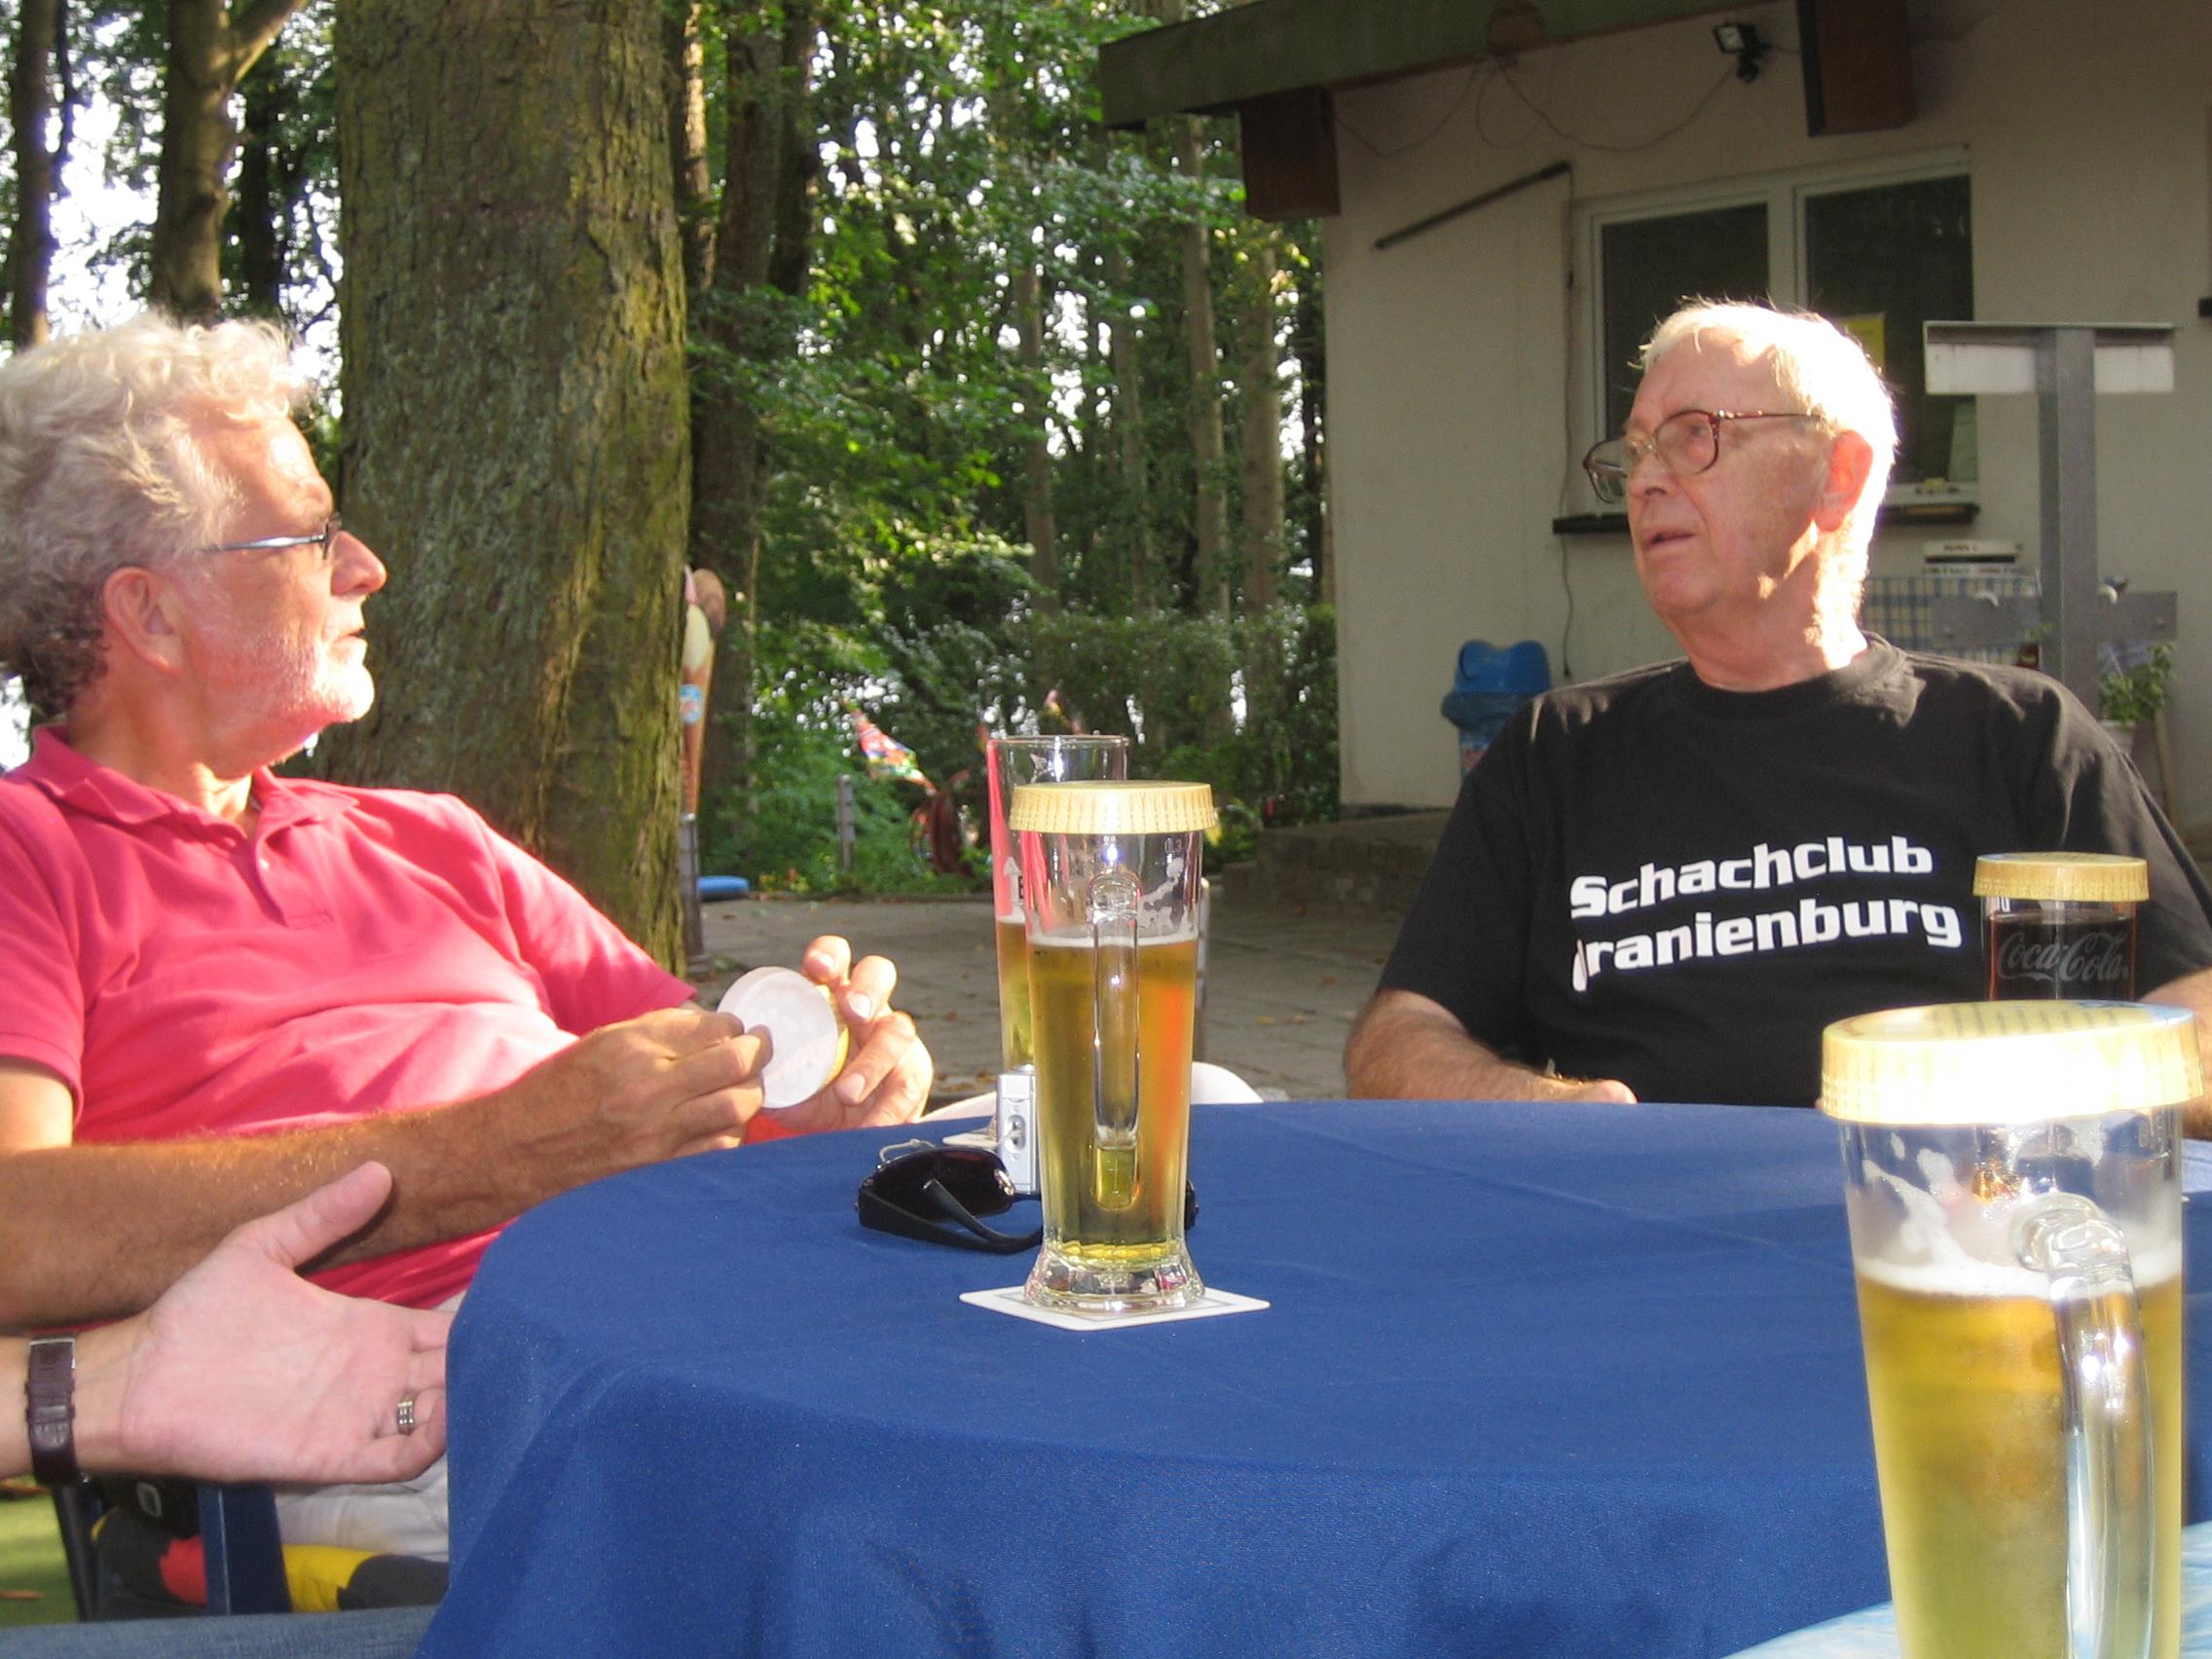 2009-Oranienburg-007-2